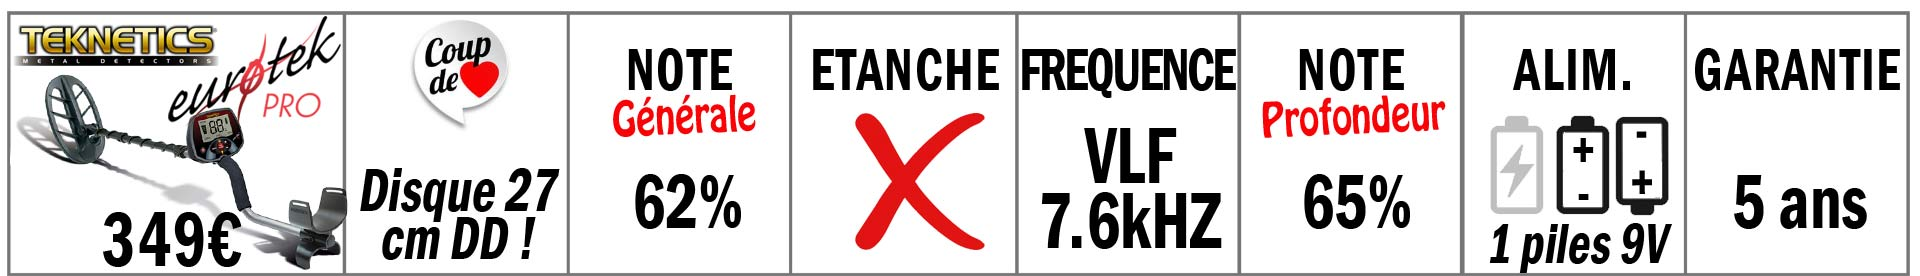 Le meilleur détecteur pour débuter à 300 euros: l'eurotek pro